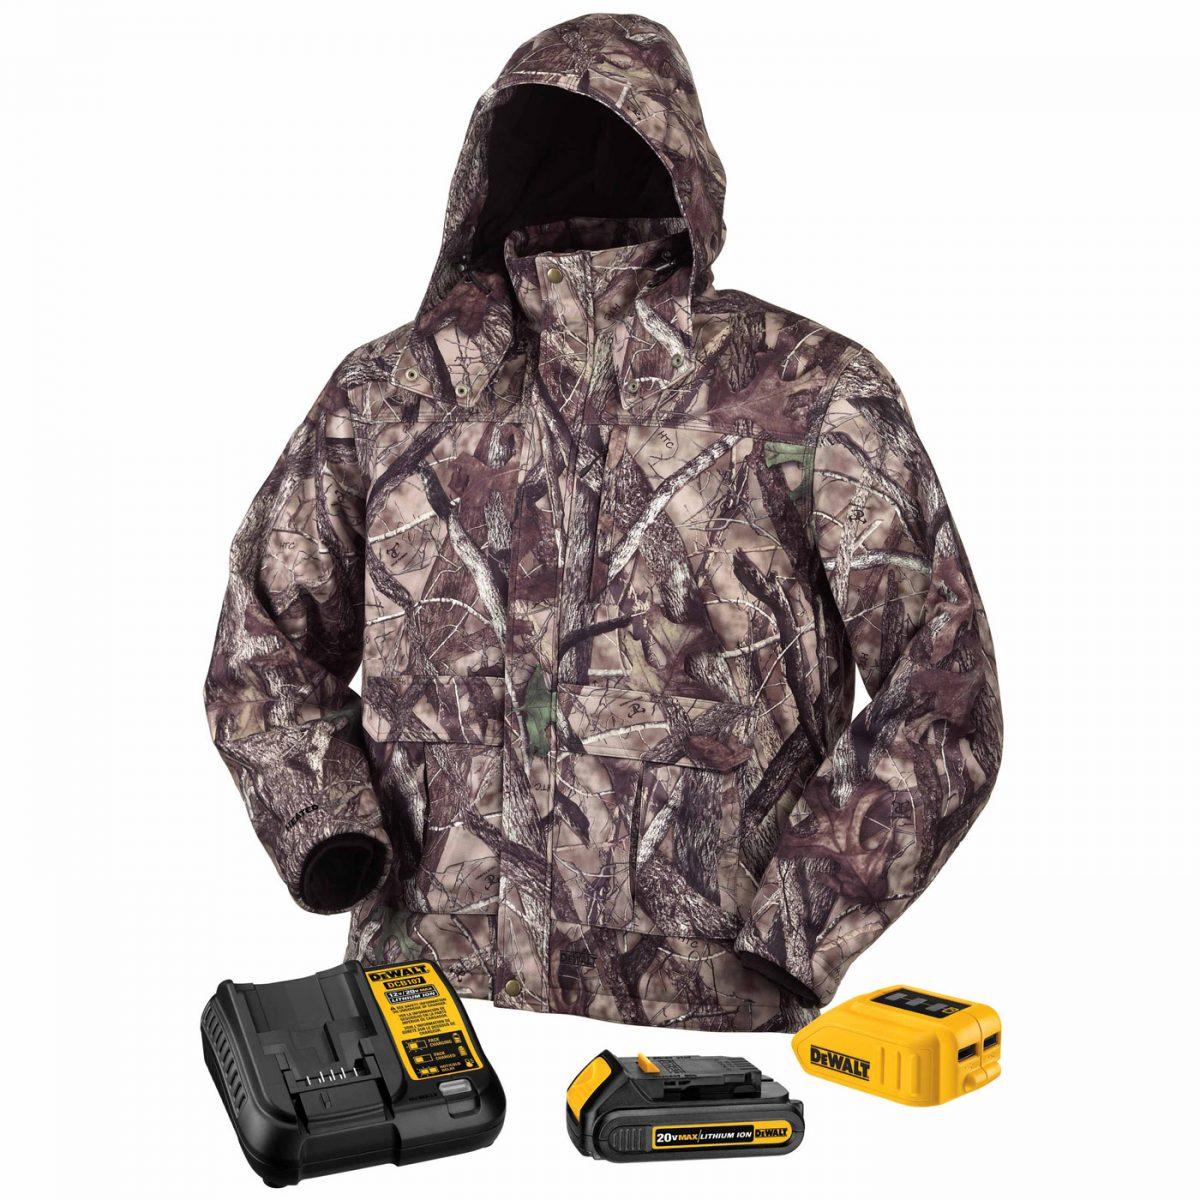 Dewalt Camo, Heated Jacket